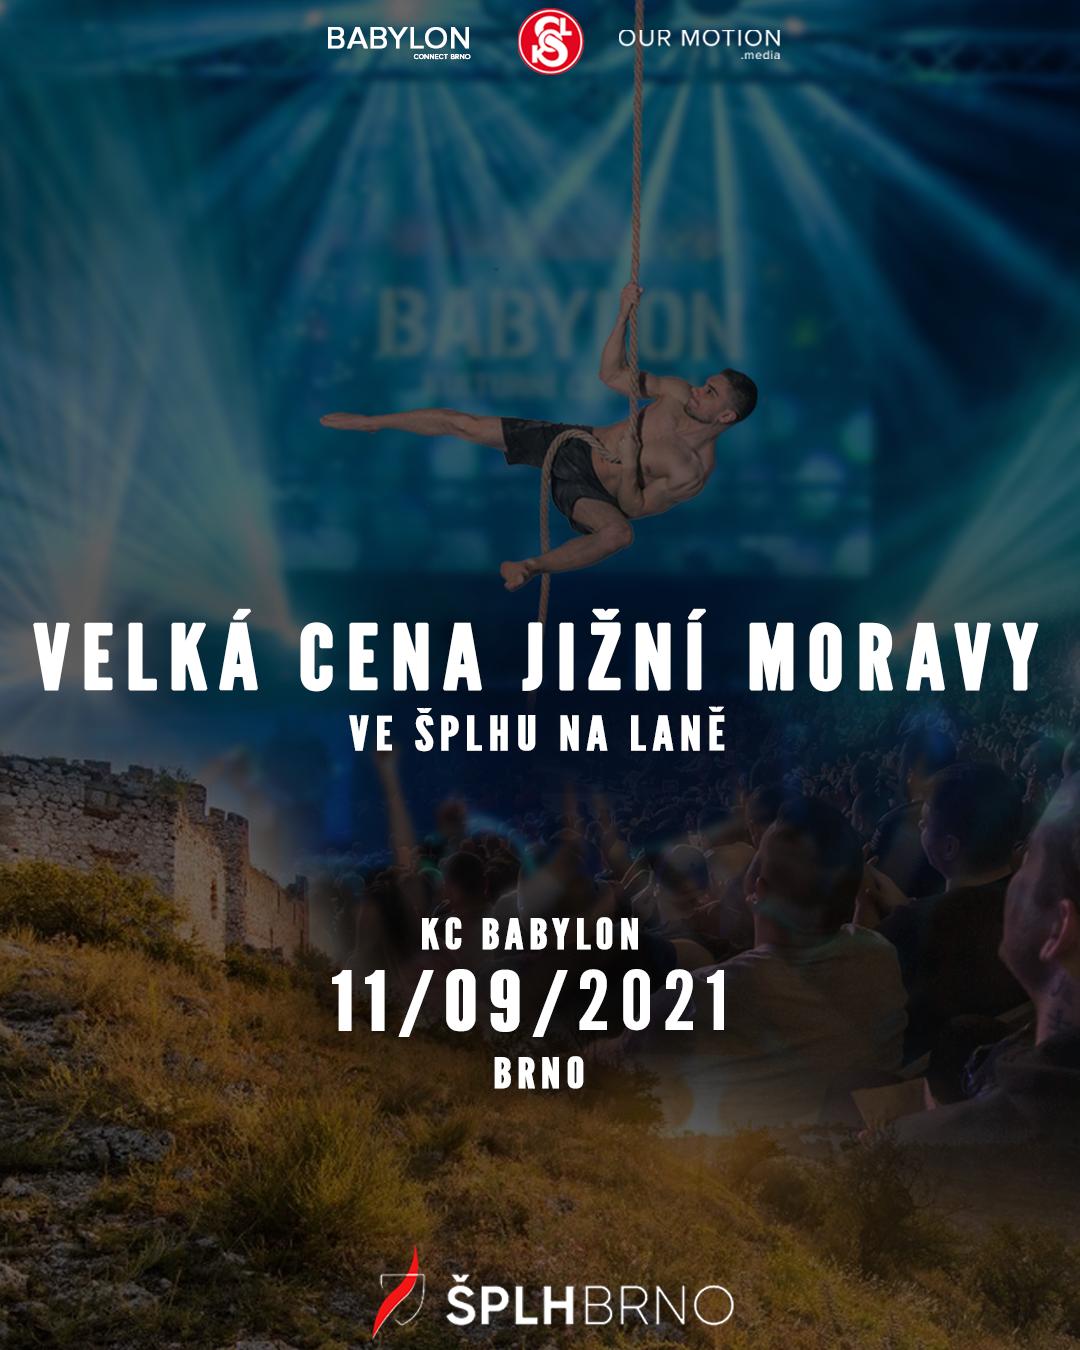 Velká cena Jižní Moravy 2021 - plakát